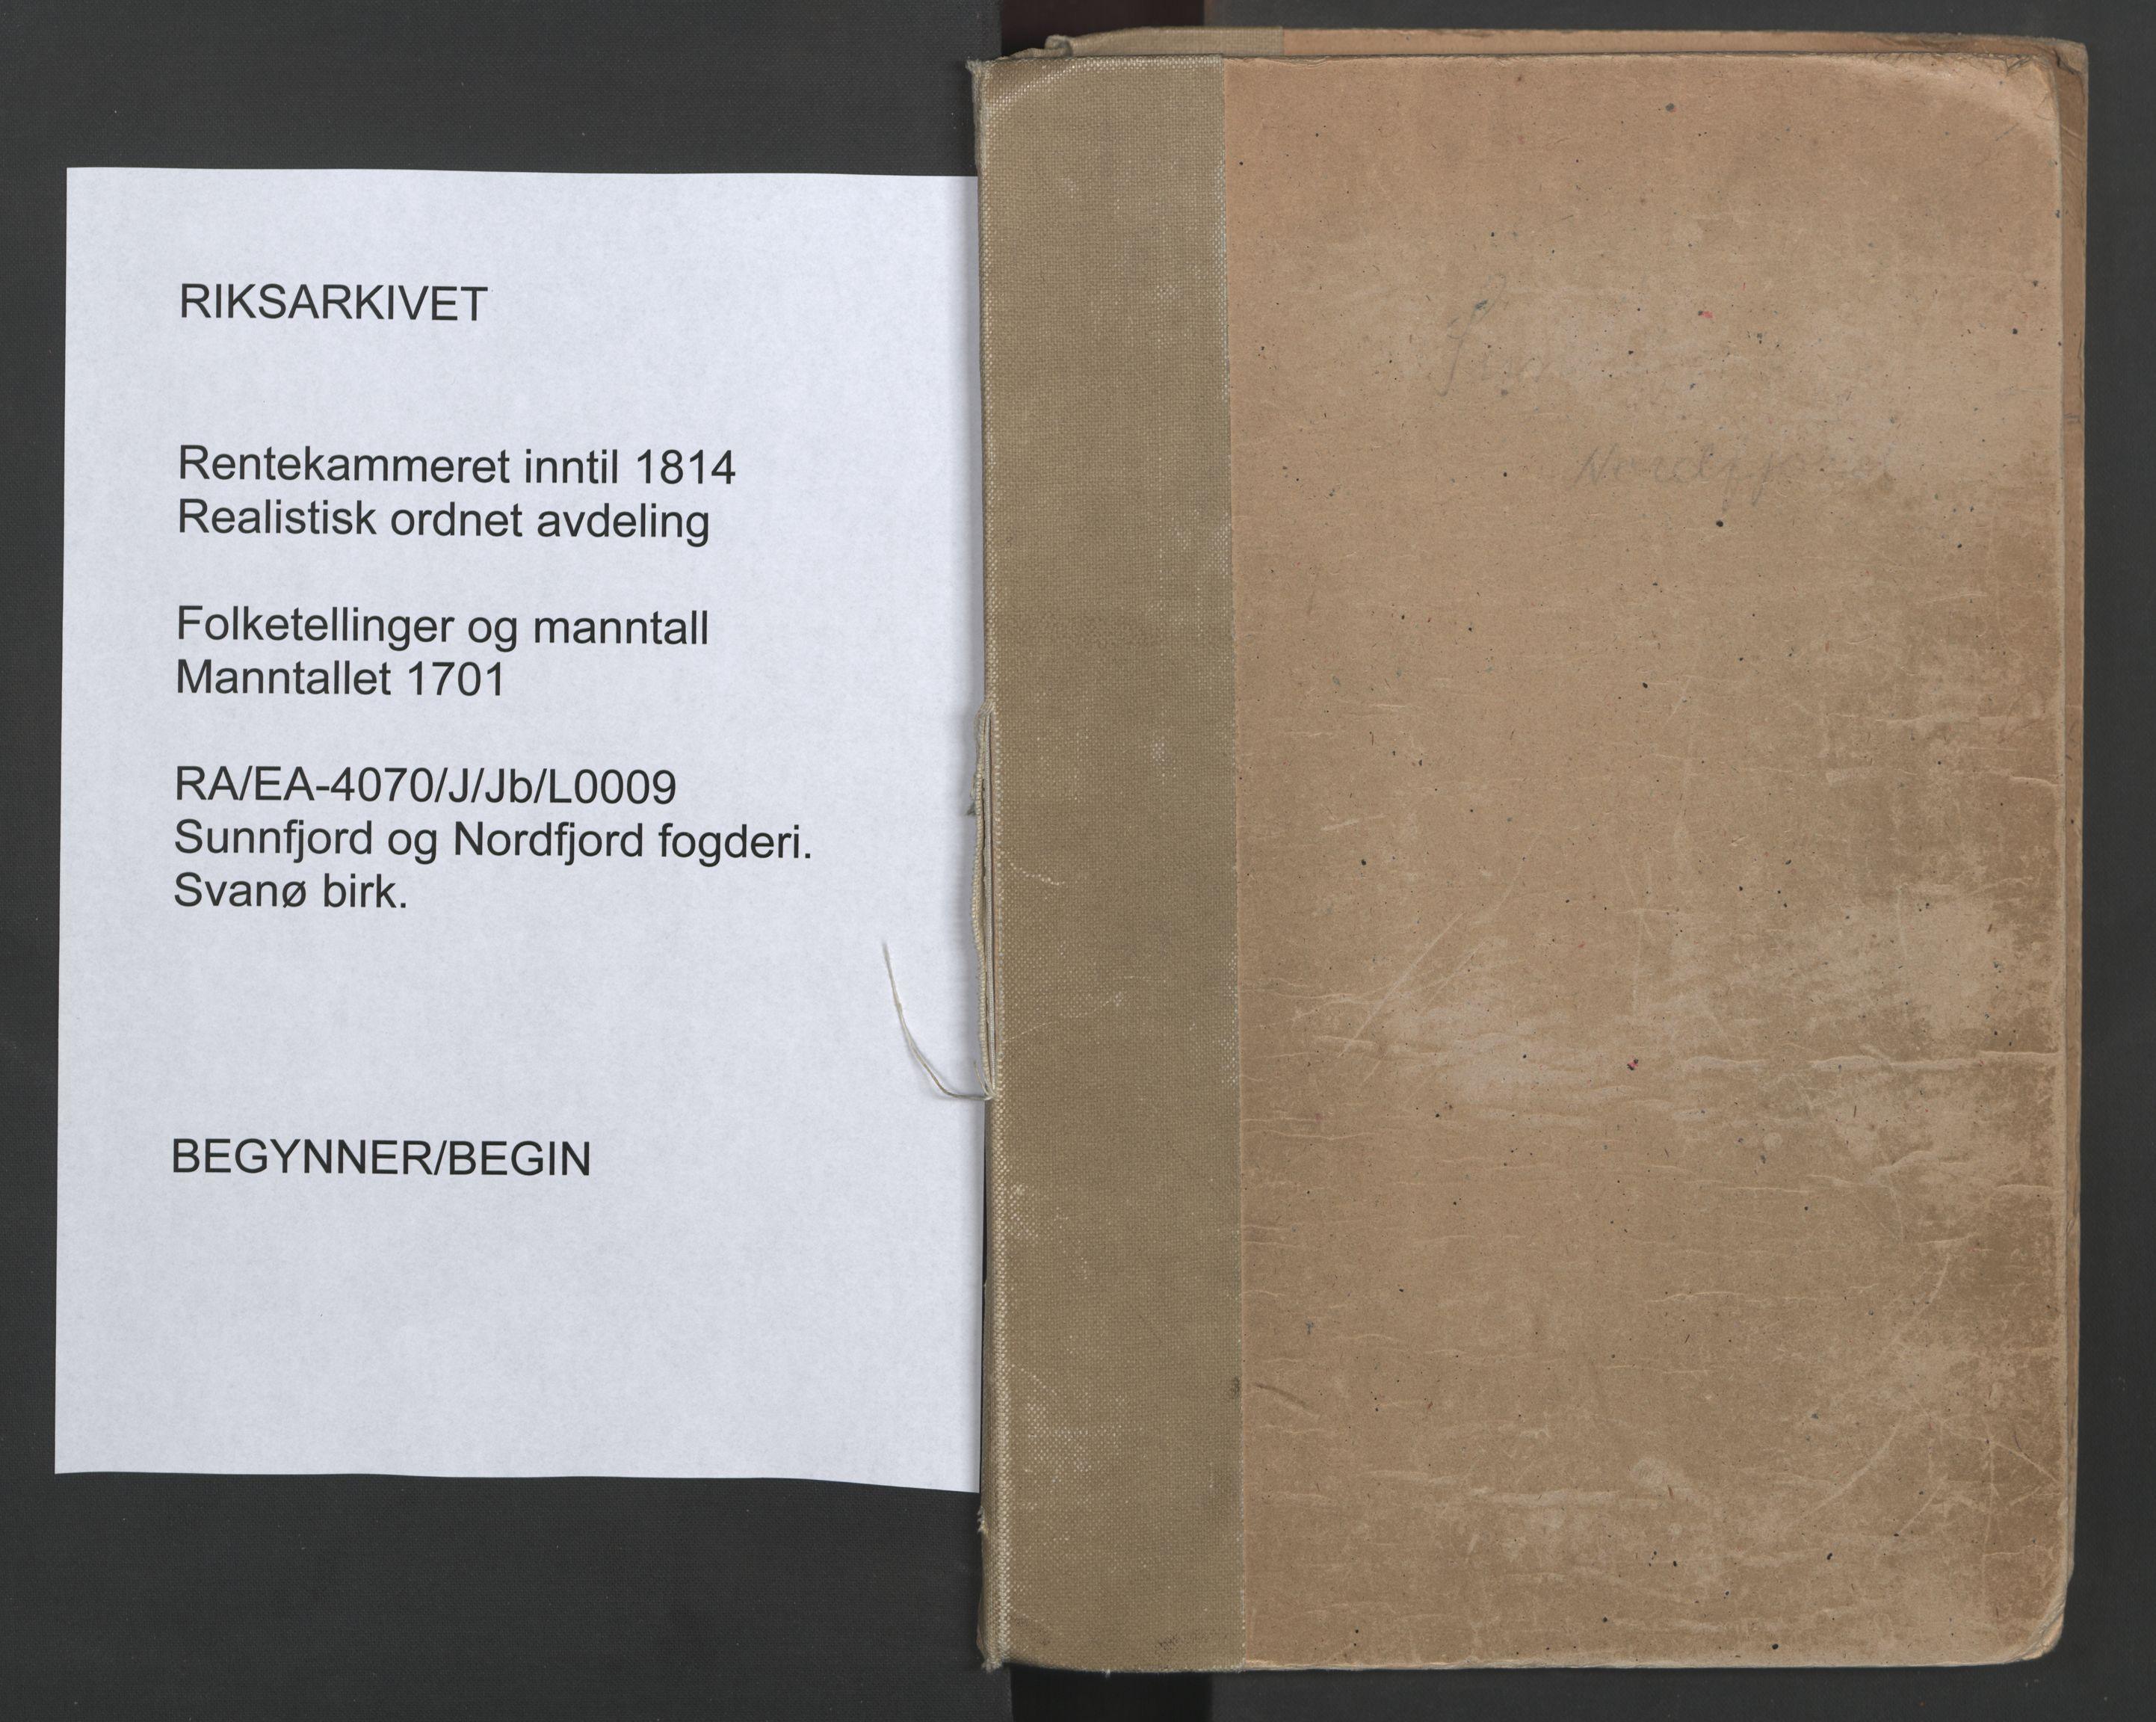 RA, Manntallet 1701, nr. 9: Sunnfjord fogderi, Nordfjord fogderi og Svanø birk, 1701, s. upaginert